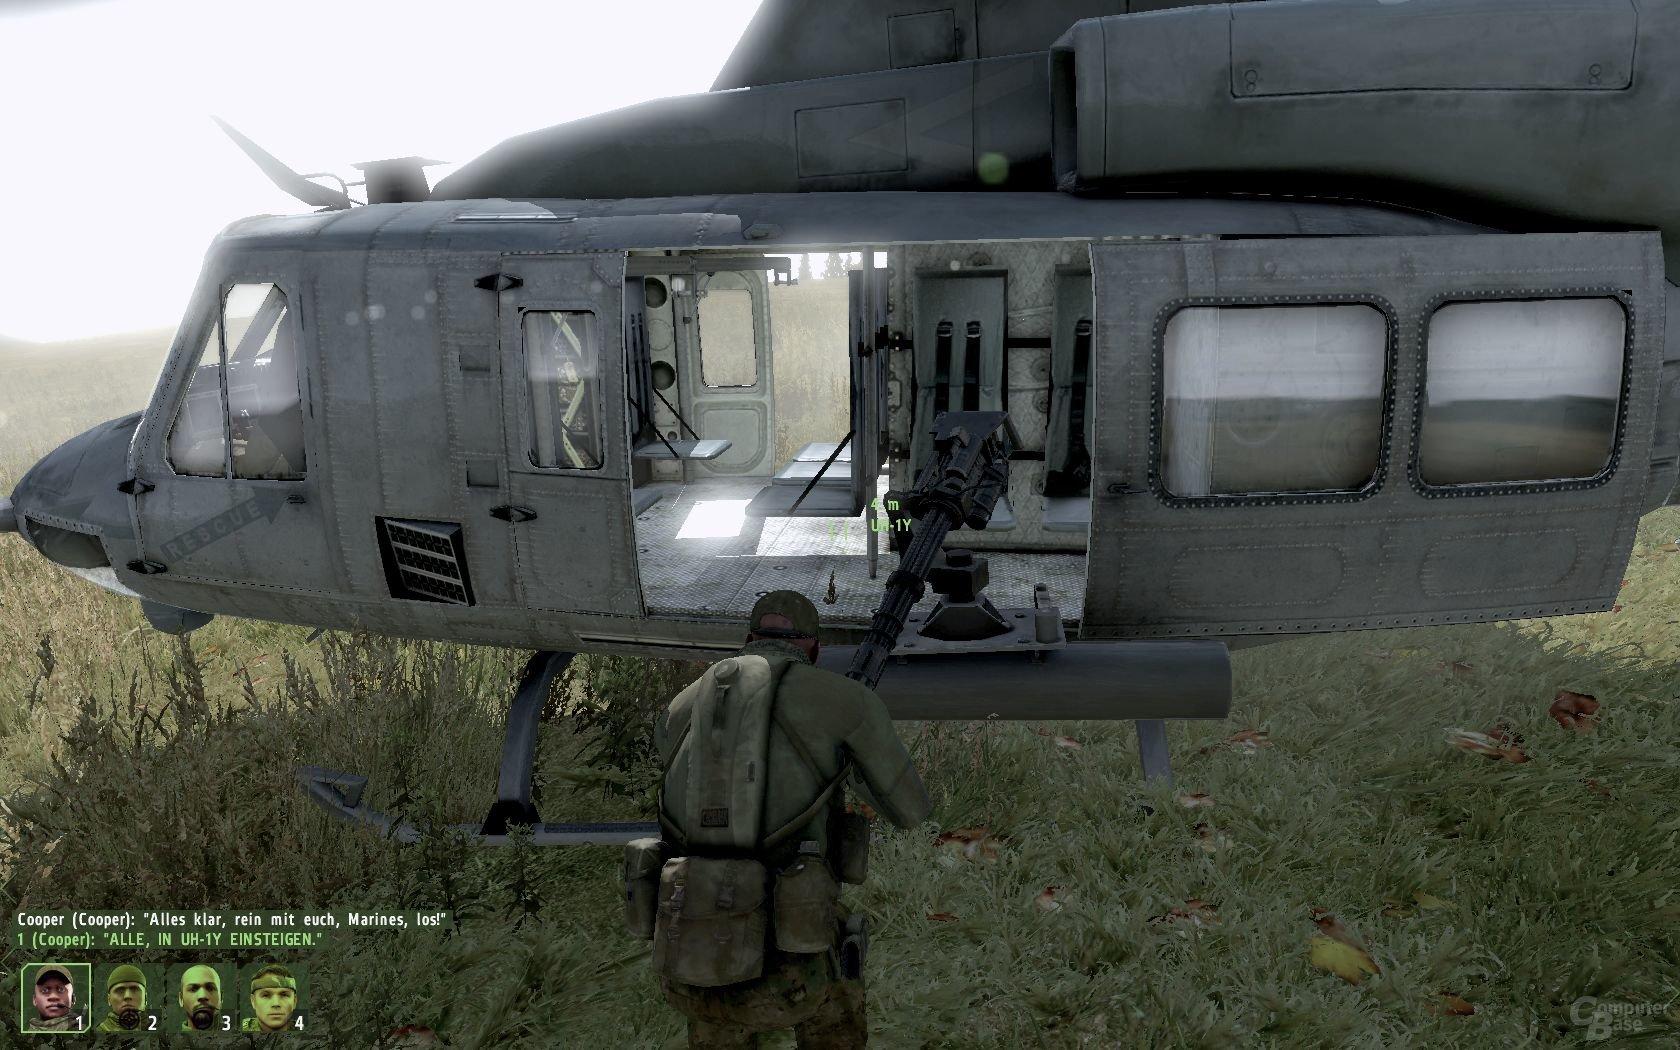 Der Transport via KI-Hubschrauber klappt nicht immer reibungslos